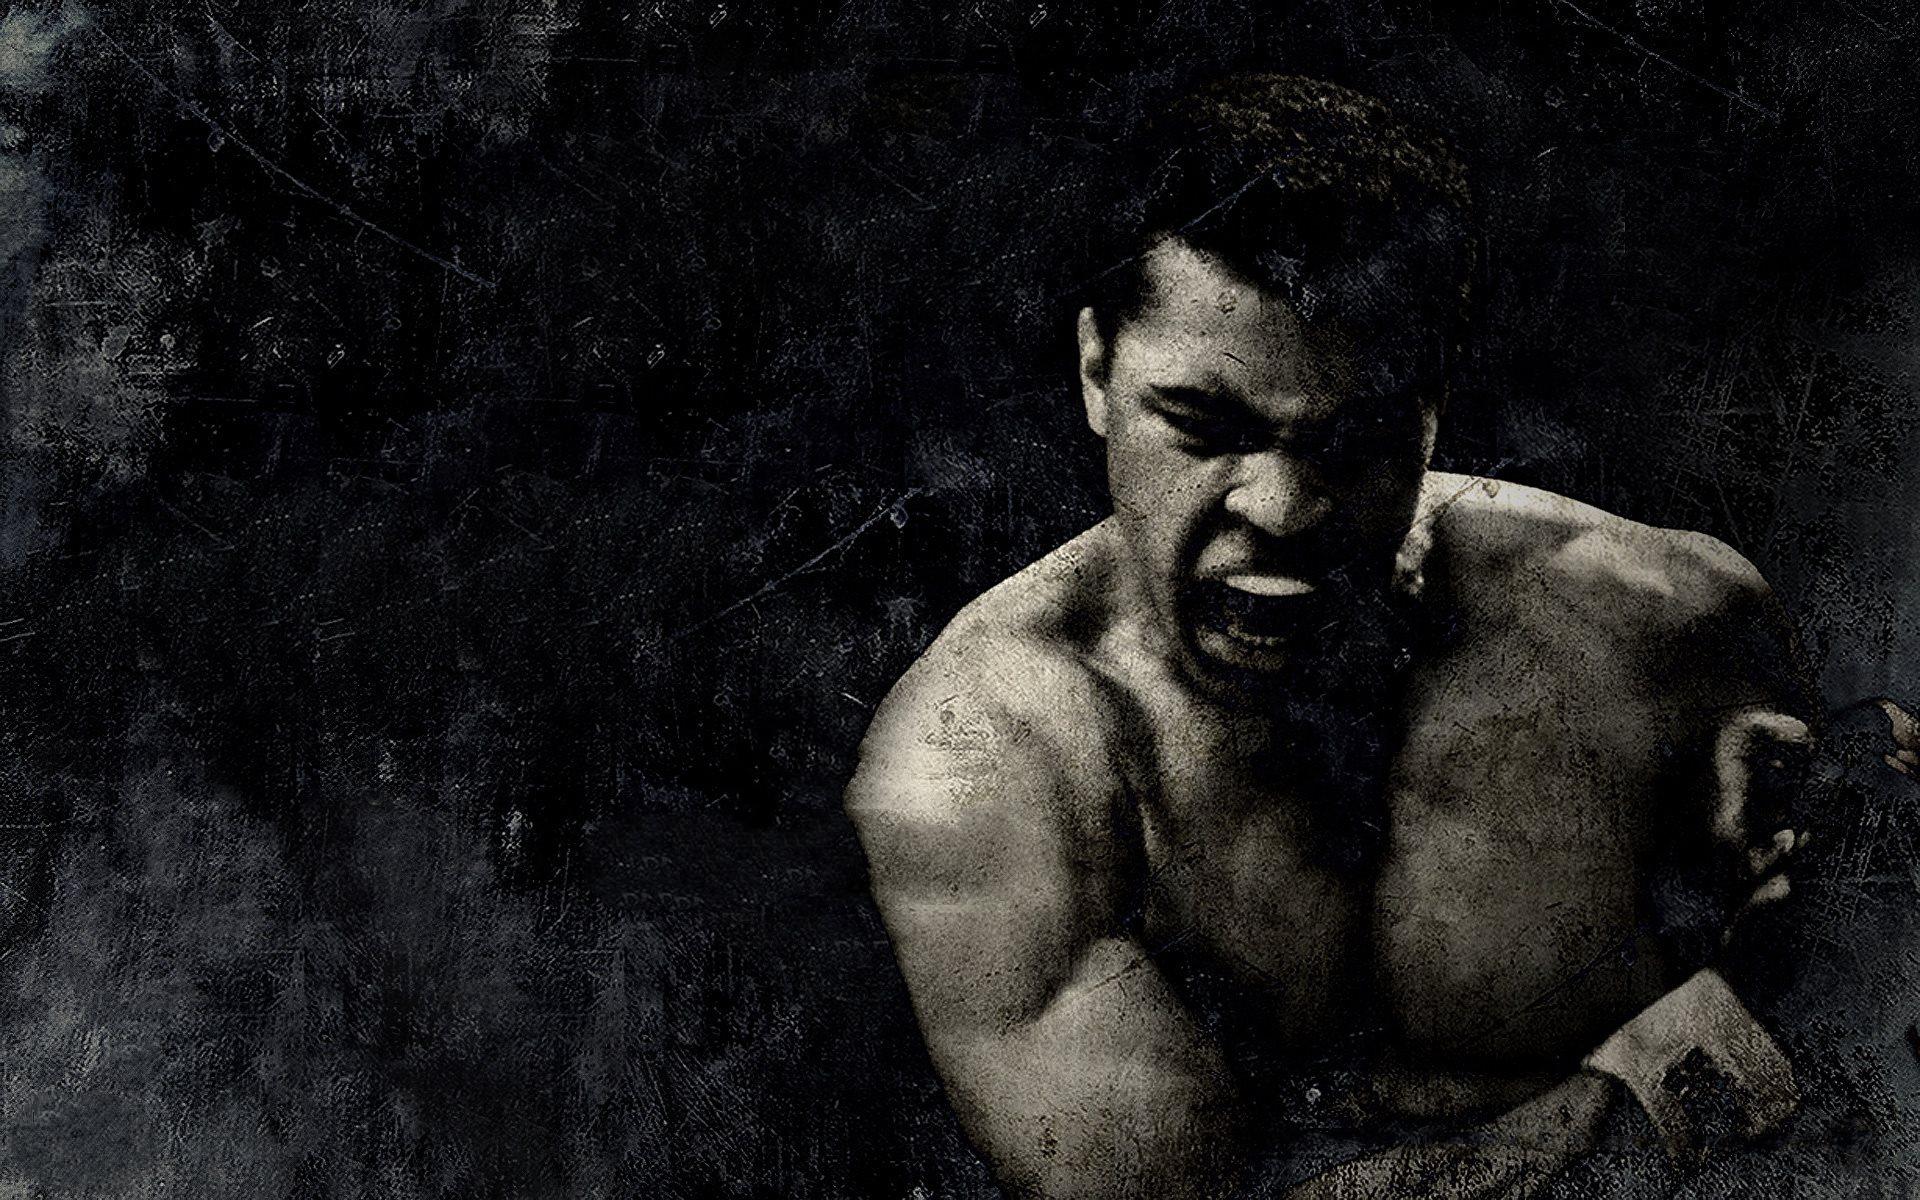 Muhammad Ali Wallpaper Hd 19202151200 23378 HD Wallpaper 1920x1200